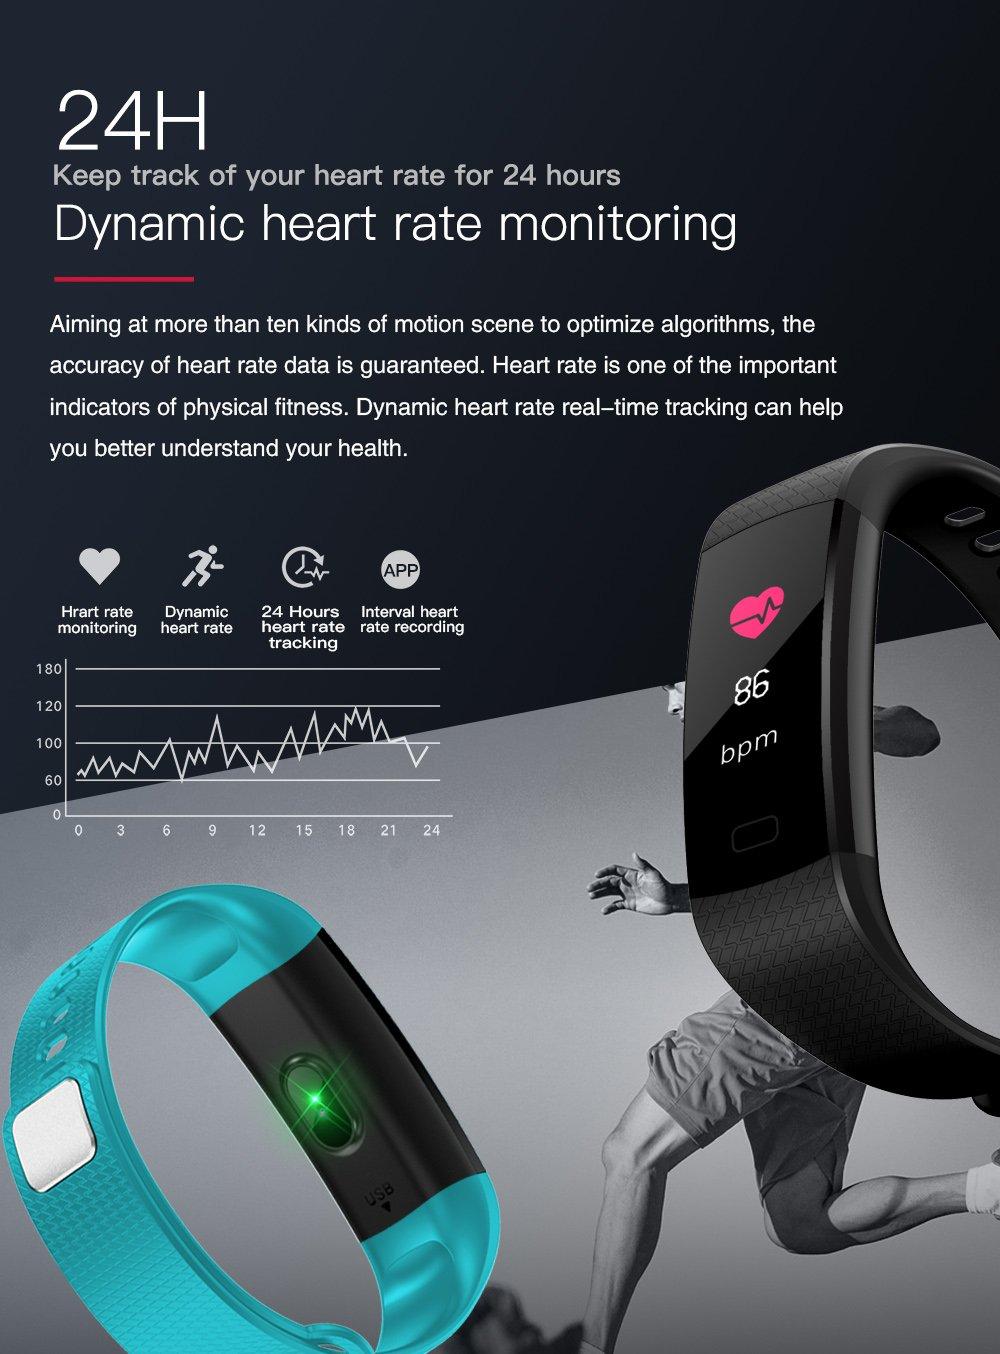 Pulsera Actividad Reloj Inteligente Fitness Tracker Multifuncional Cuenta Pasos CaloríAs, Smartwatch Fitness Tracker Para Hombre Y Mujer 5